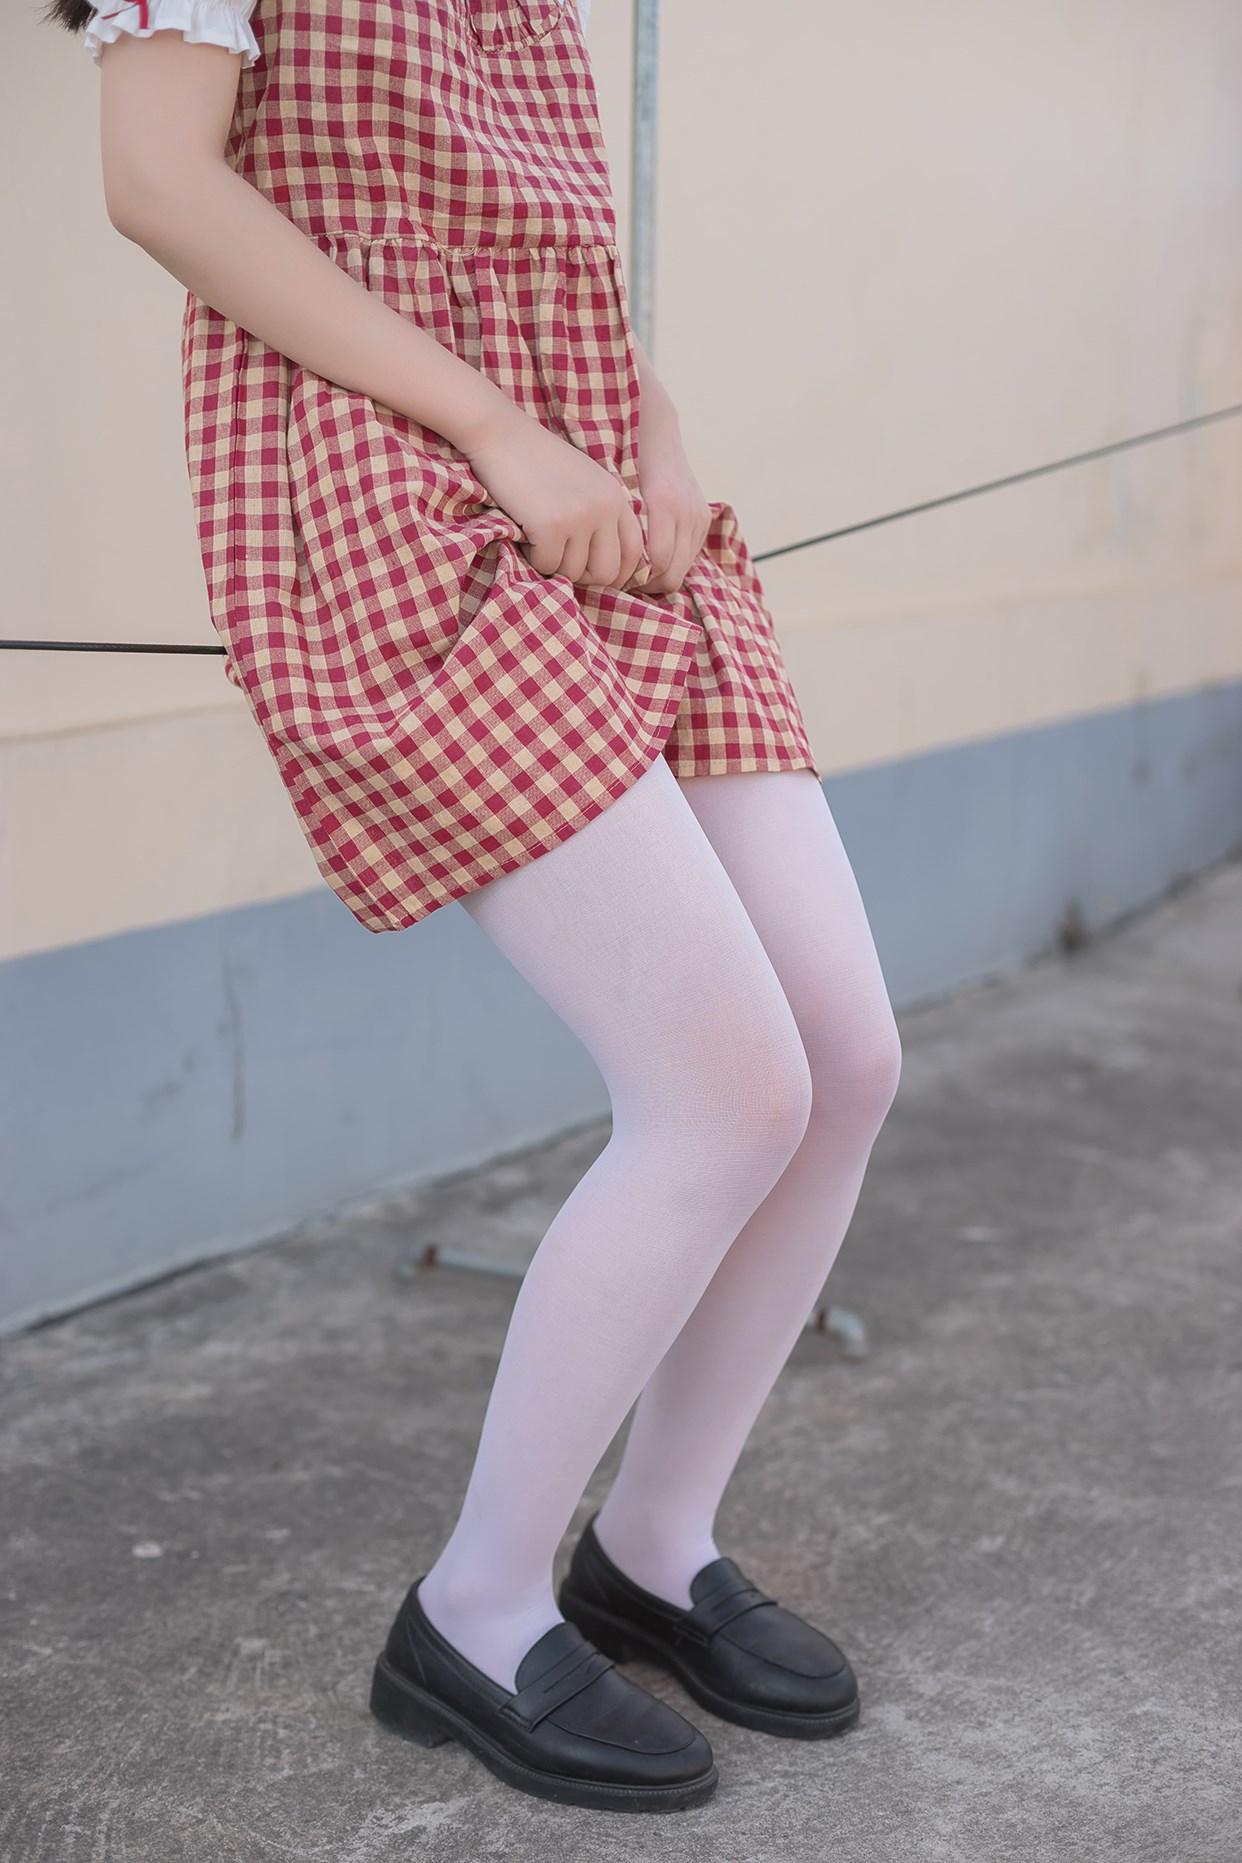 【兔玩映画】萝莉的白丝袜 兔玩映画 第15张